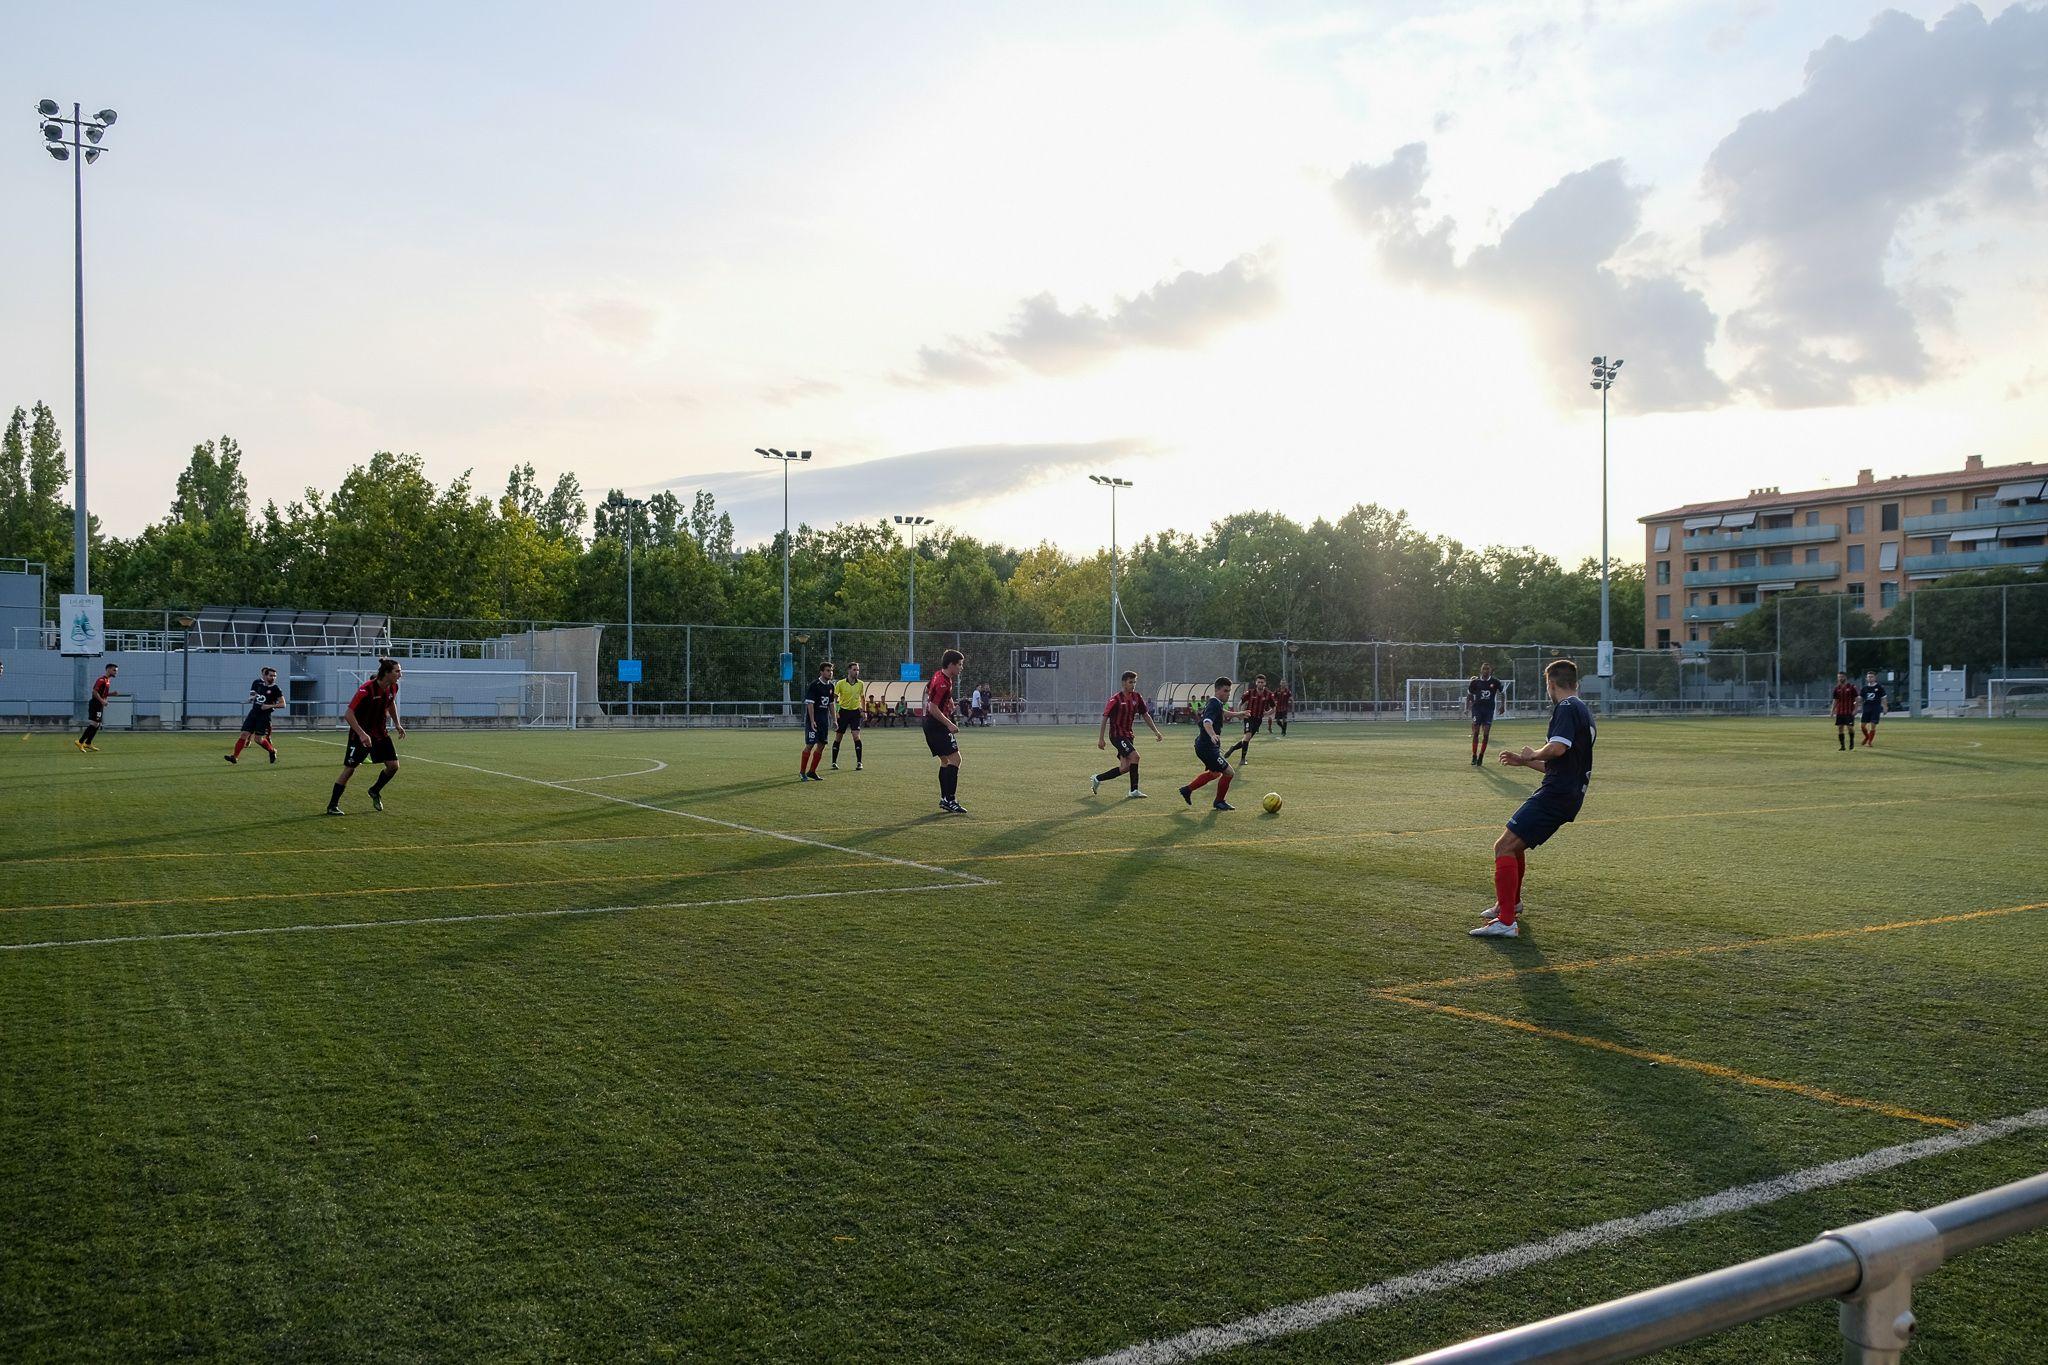 Partit de lliga de futbol masculí. Sant Cugat FC-FE Atlètic Vilafranca. Foto: Ale Gómez